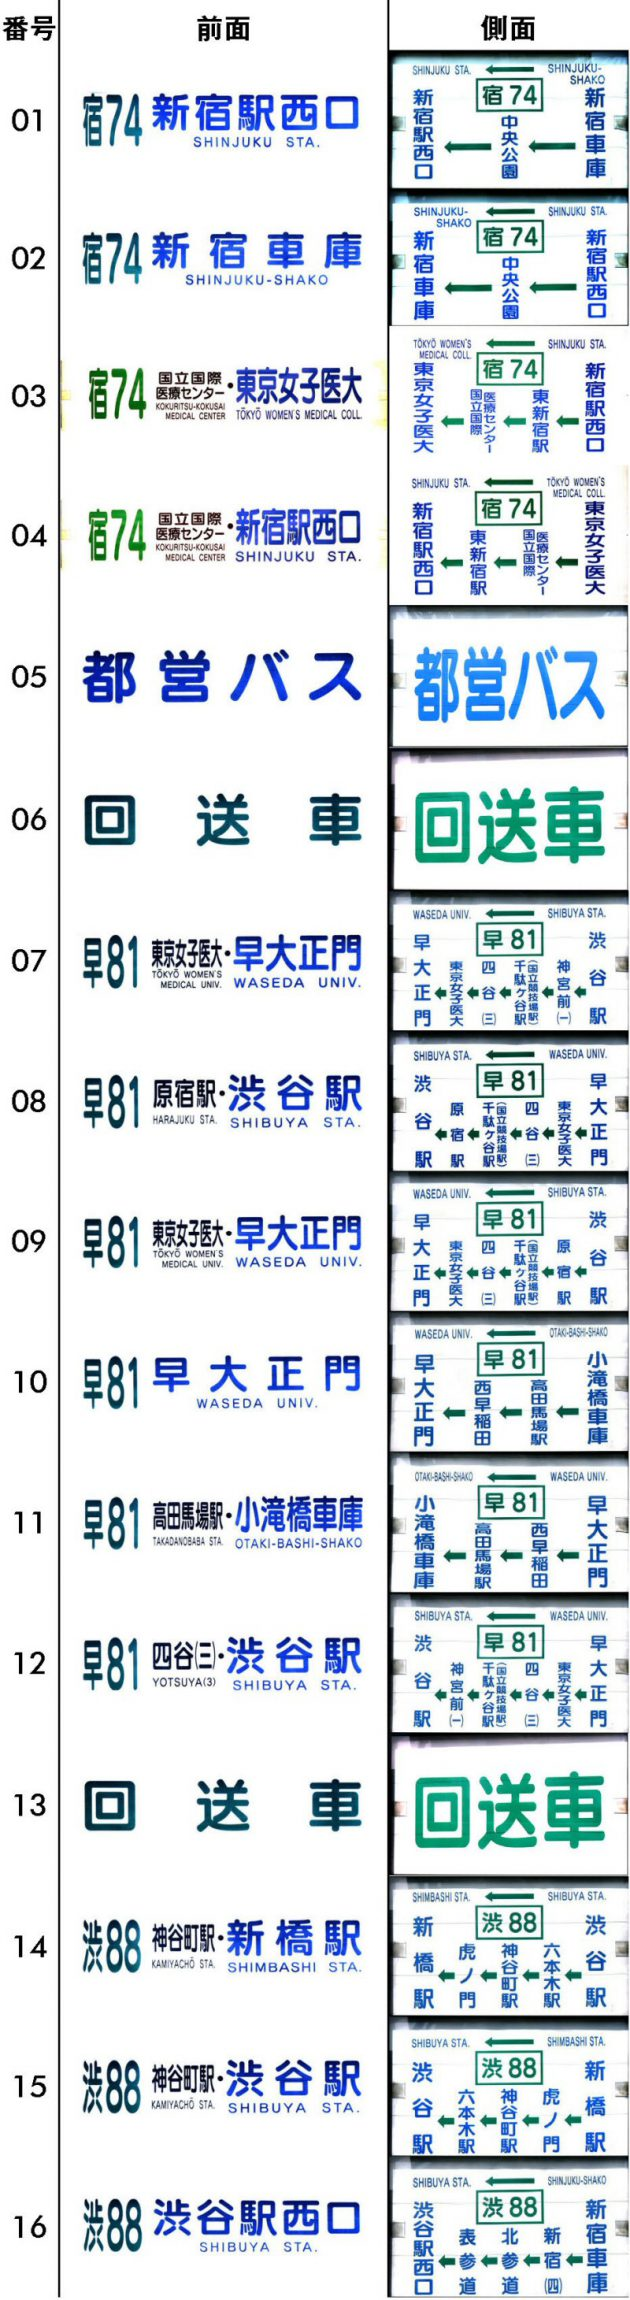 方向幕・新宿 平成21年4月~平成22年3月